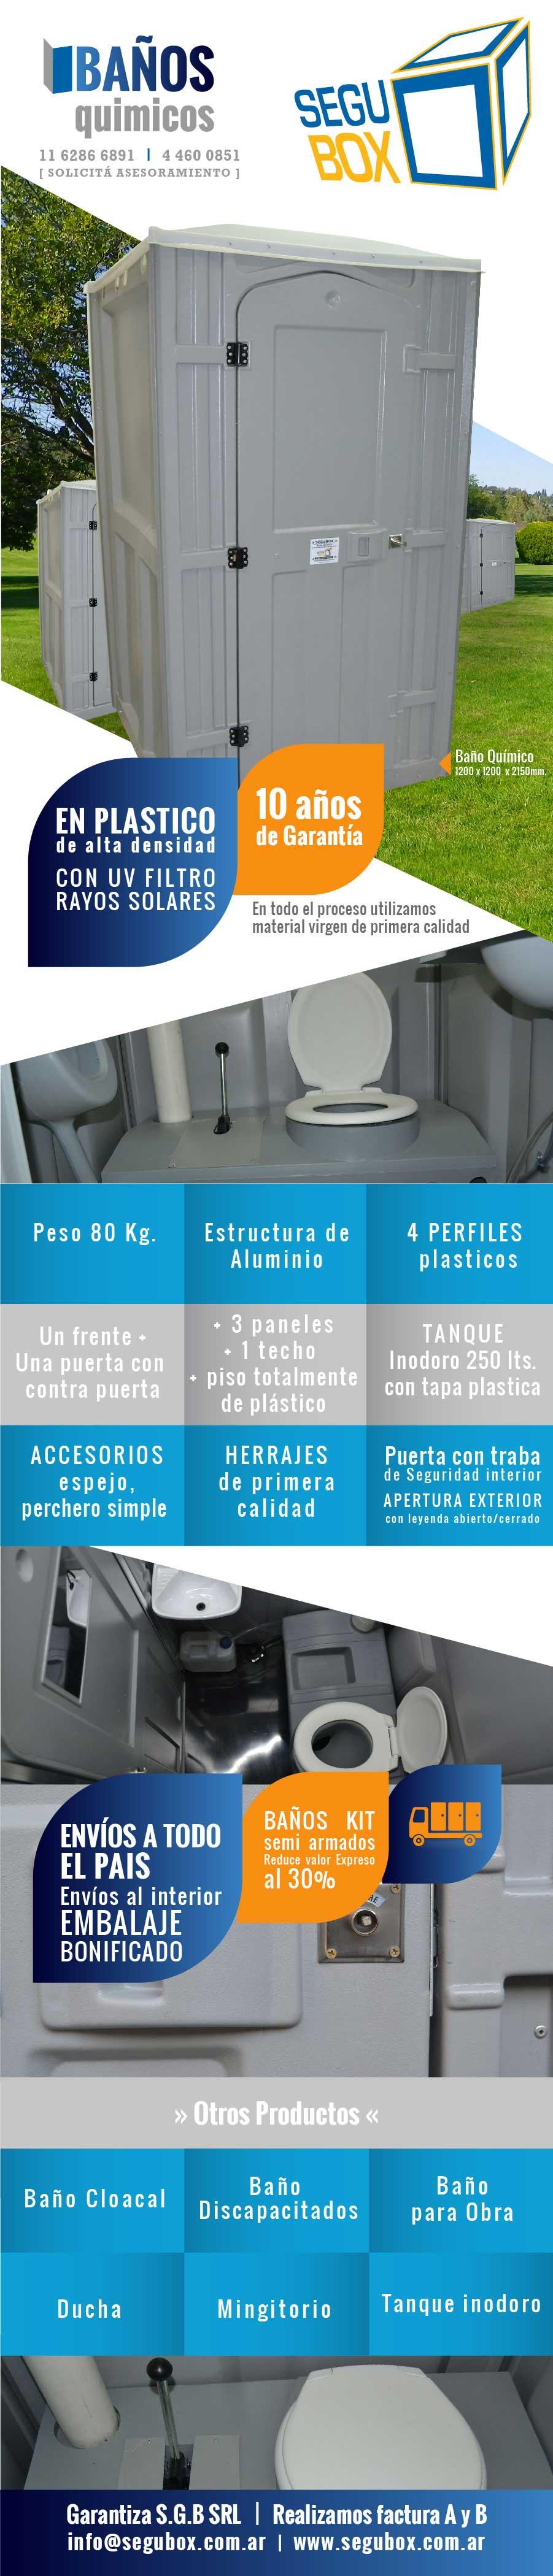 baños quimicos